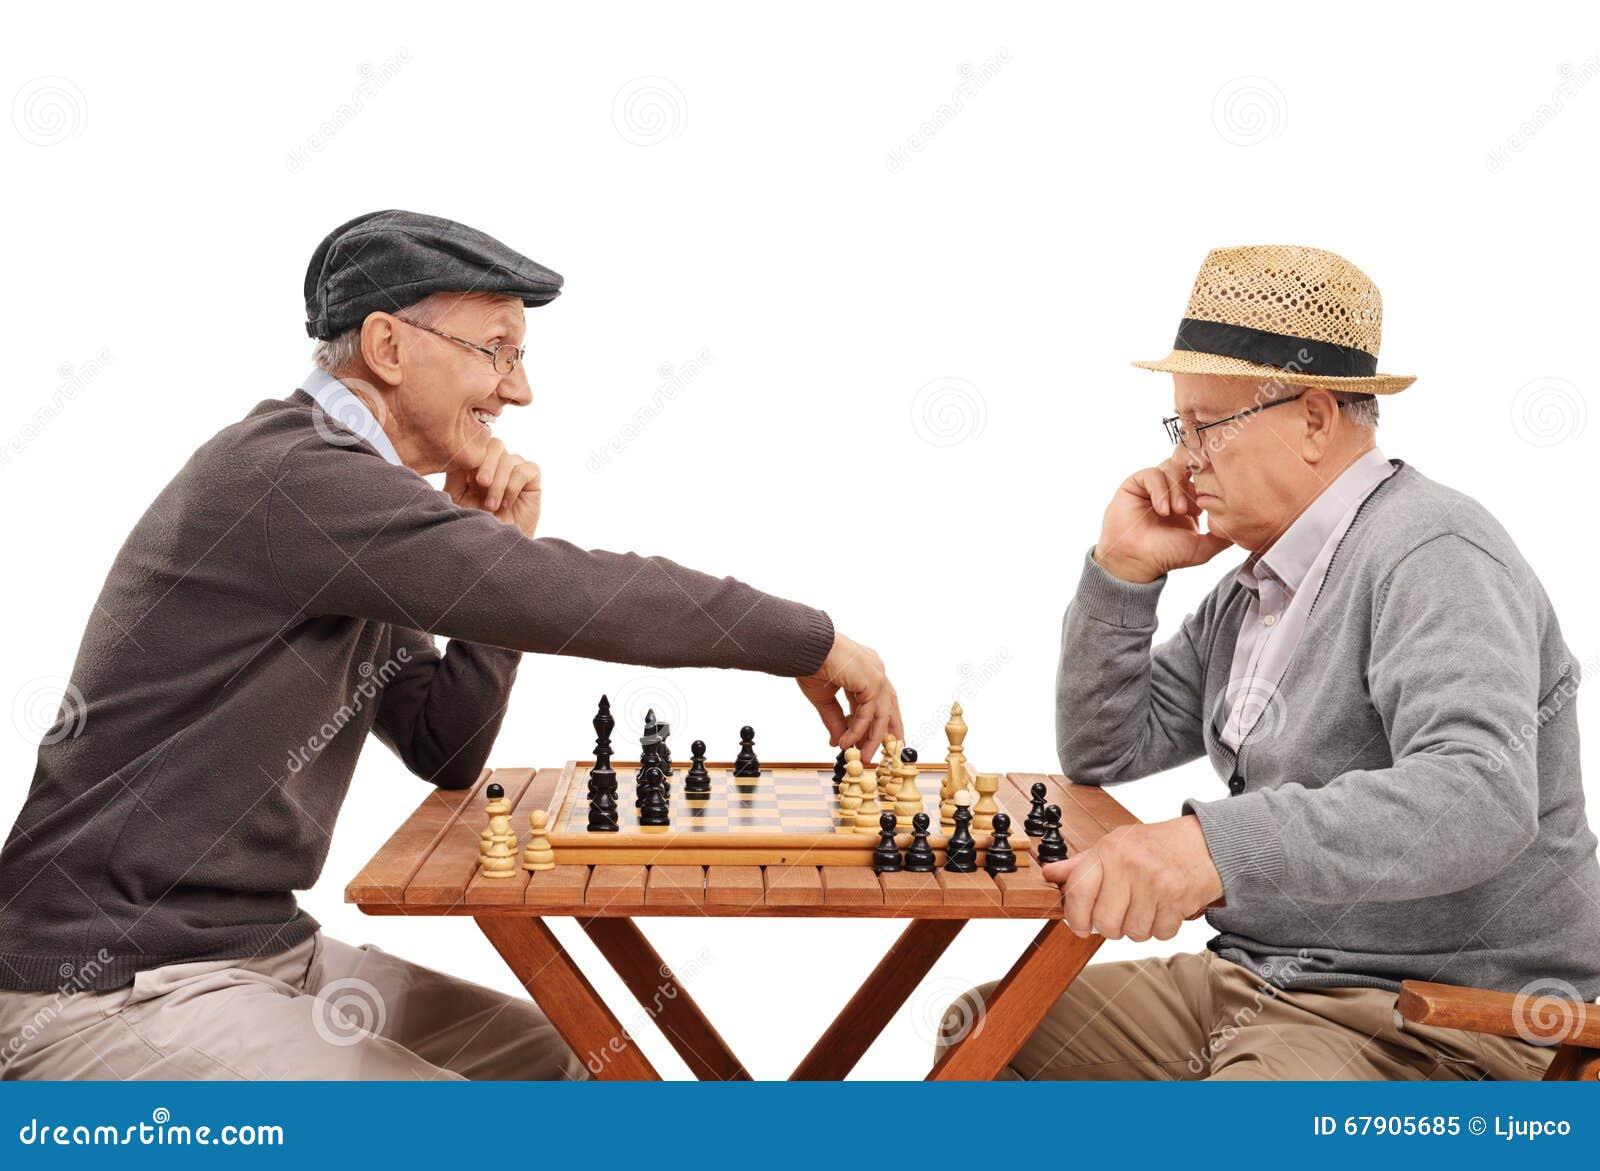 Spiele Zwei Personen